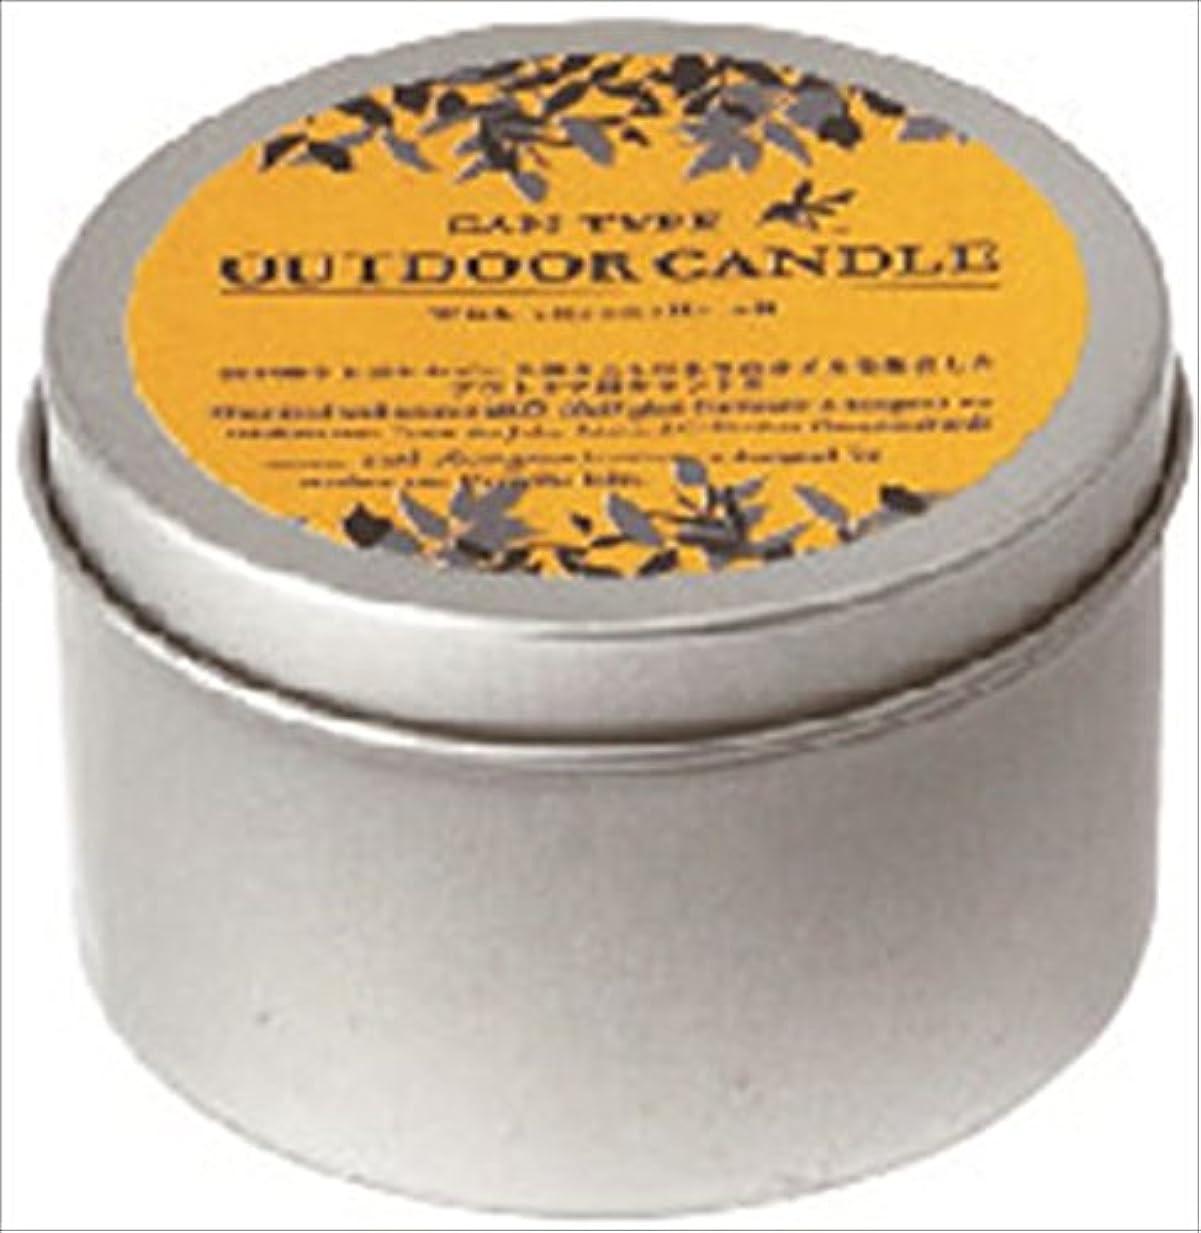 フラグラント合わせて不注意カメヤマキャンドル(kameyama candle) シトロネラ缶入りキャンドル A9300500